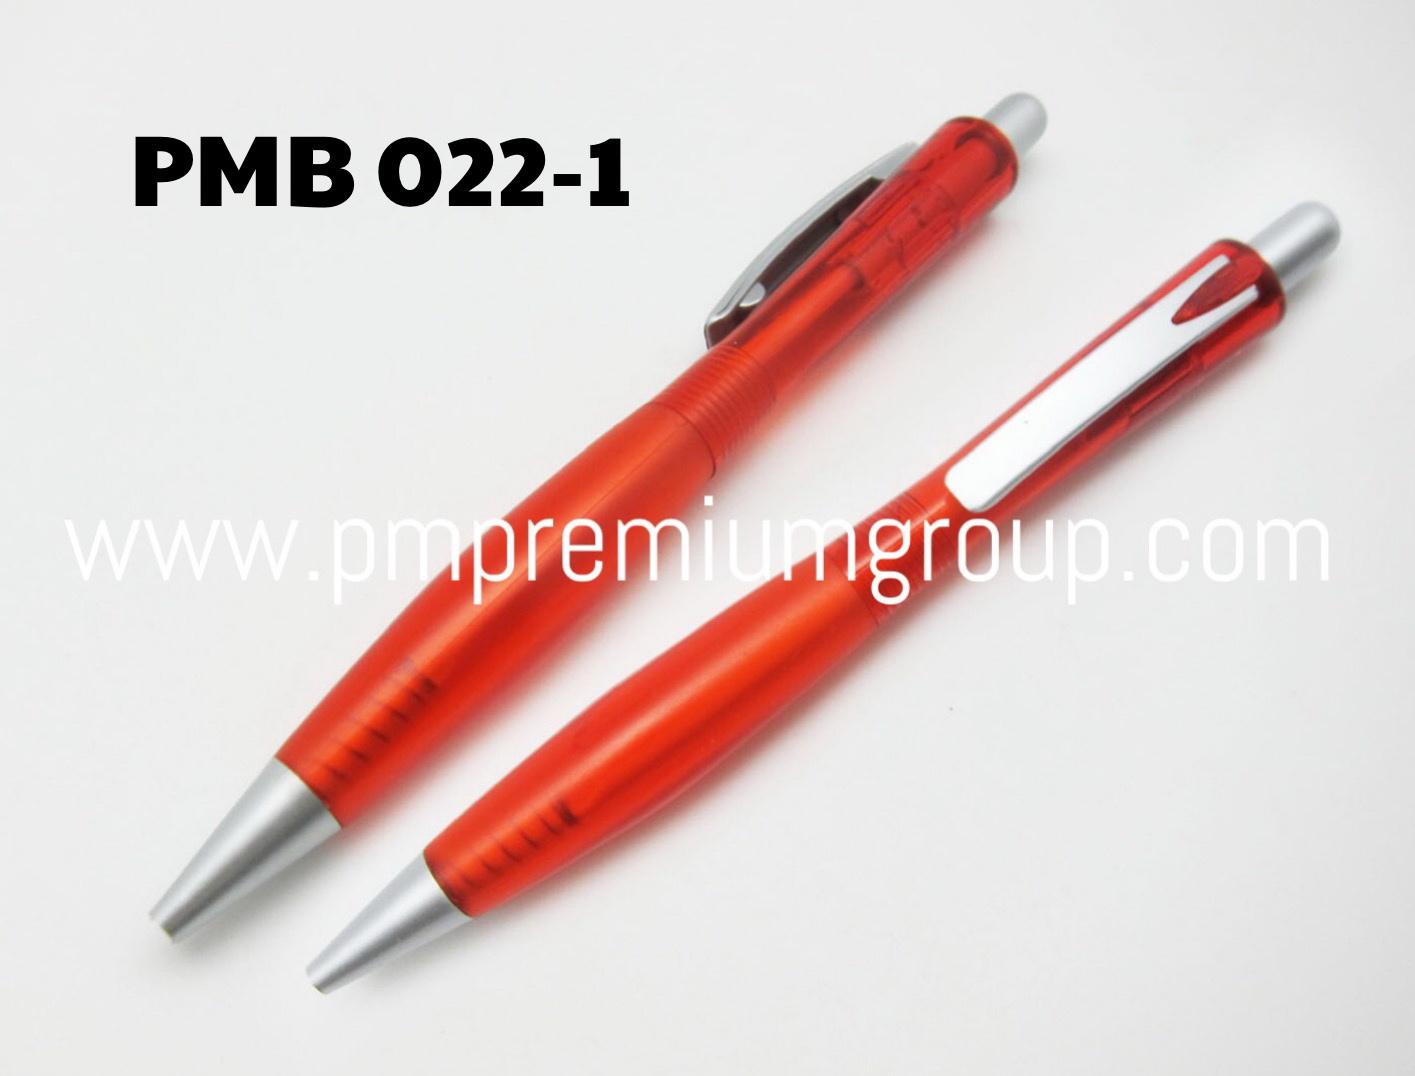 ปากกาลูกลื่น PMB022-1